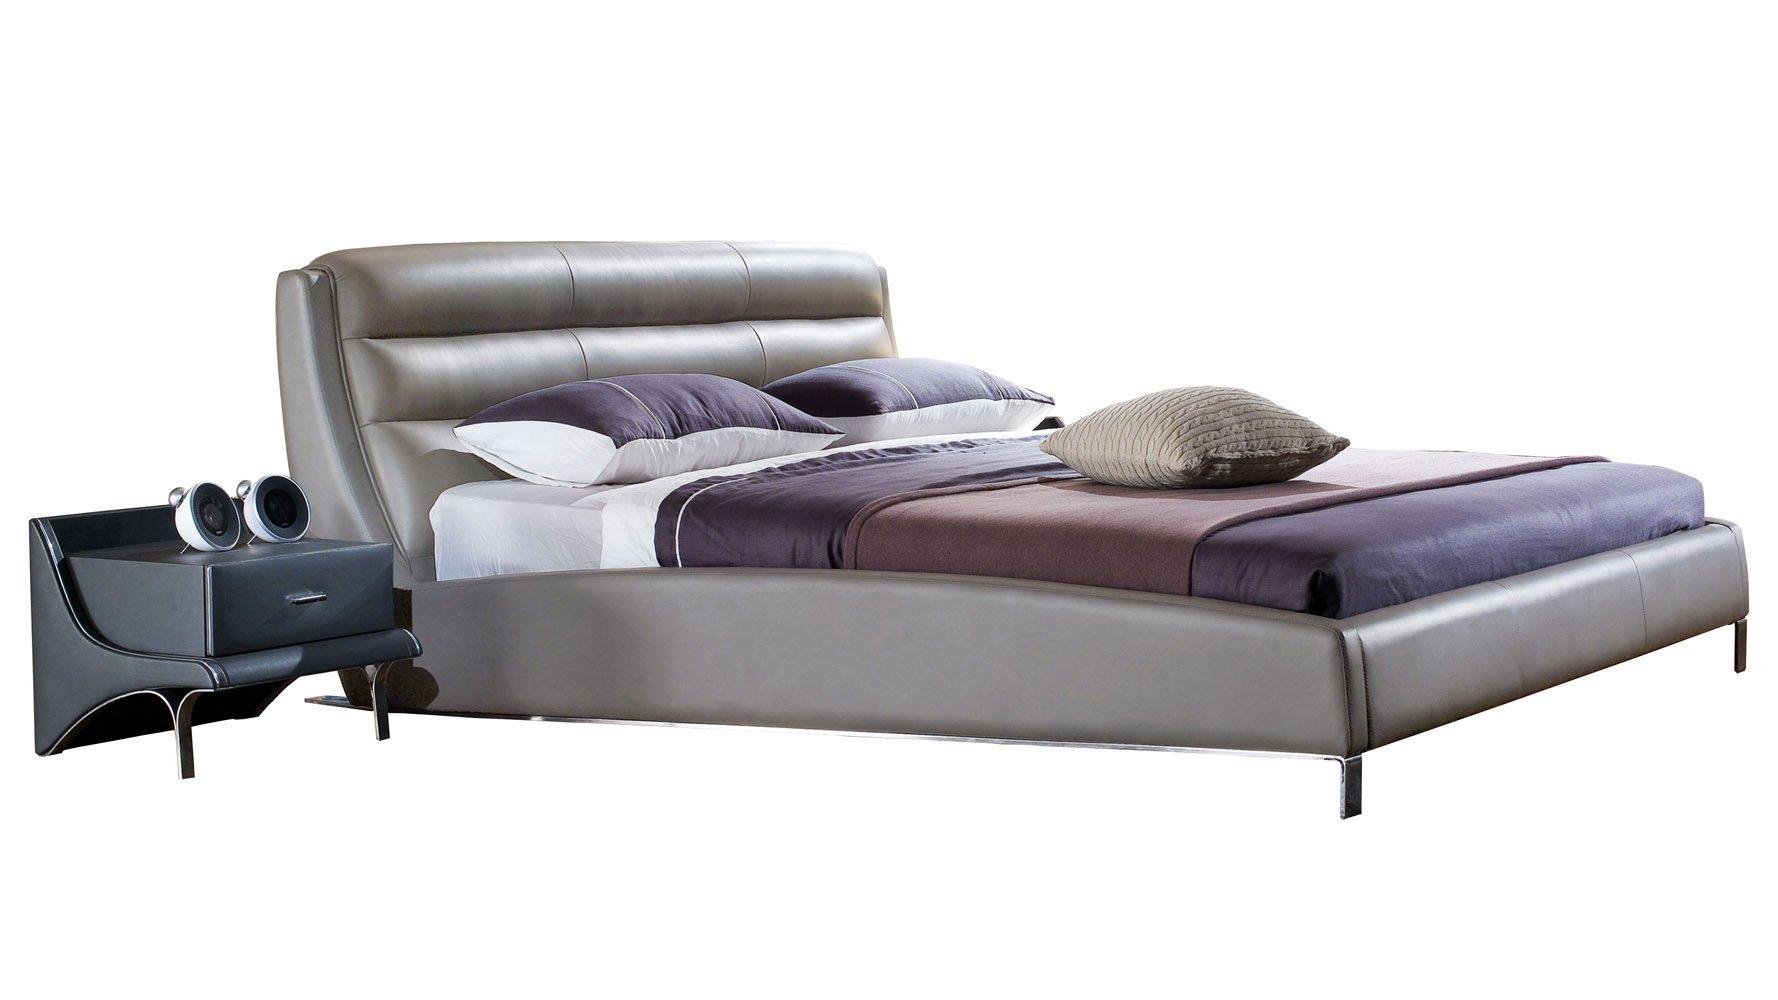 Hermes Grey Leather Platform Bed Zuri Furniture